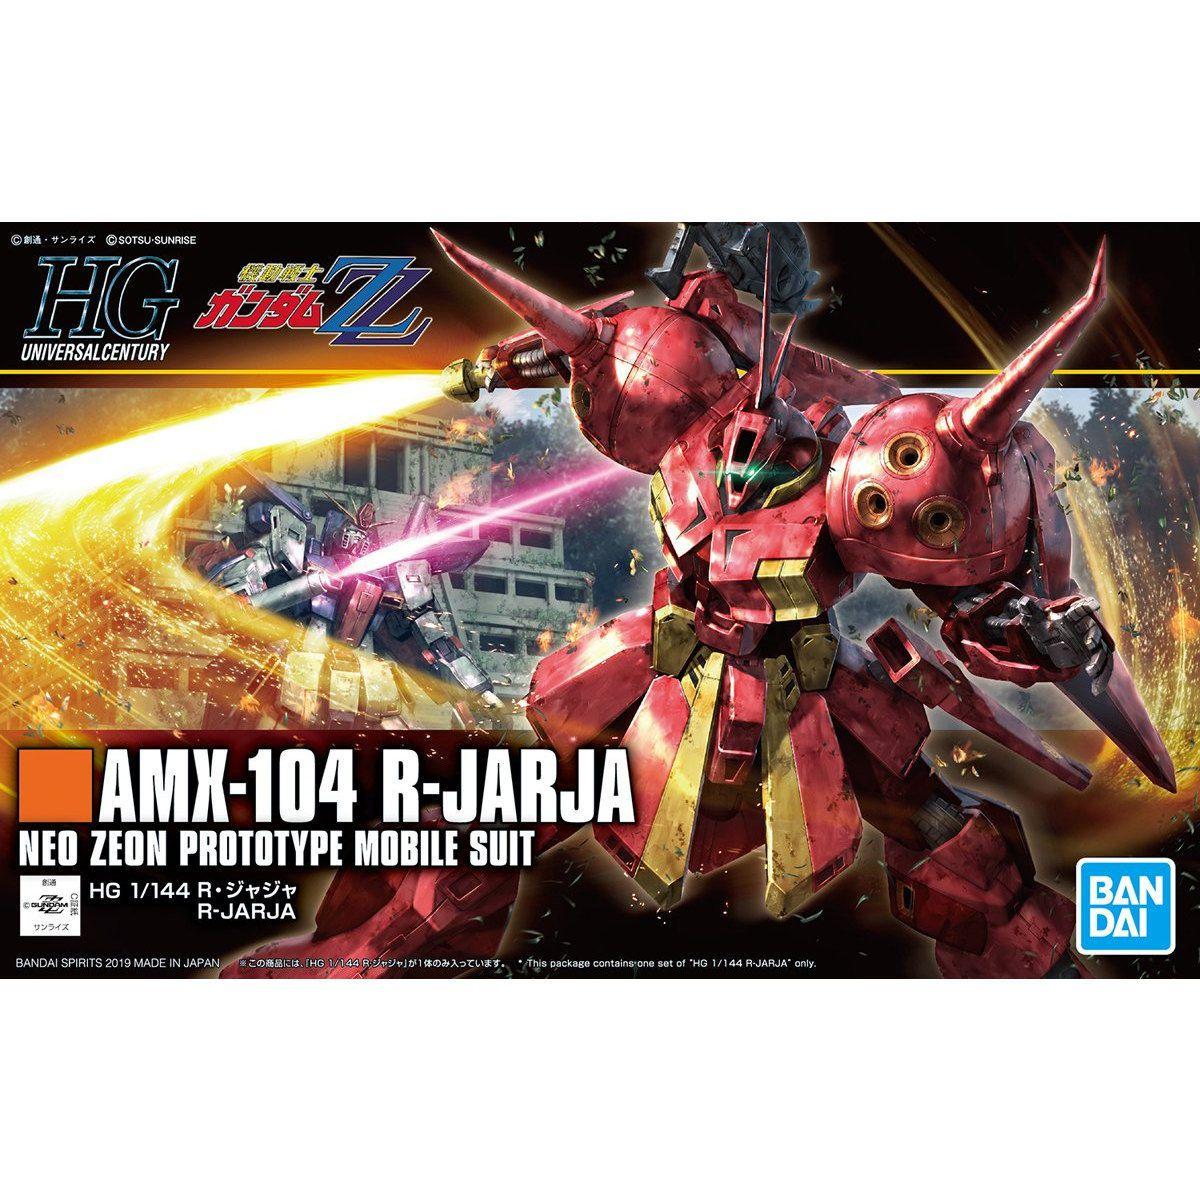 R-JARJA HG 1/144 Bandai